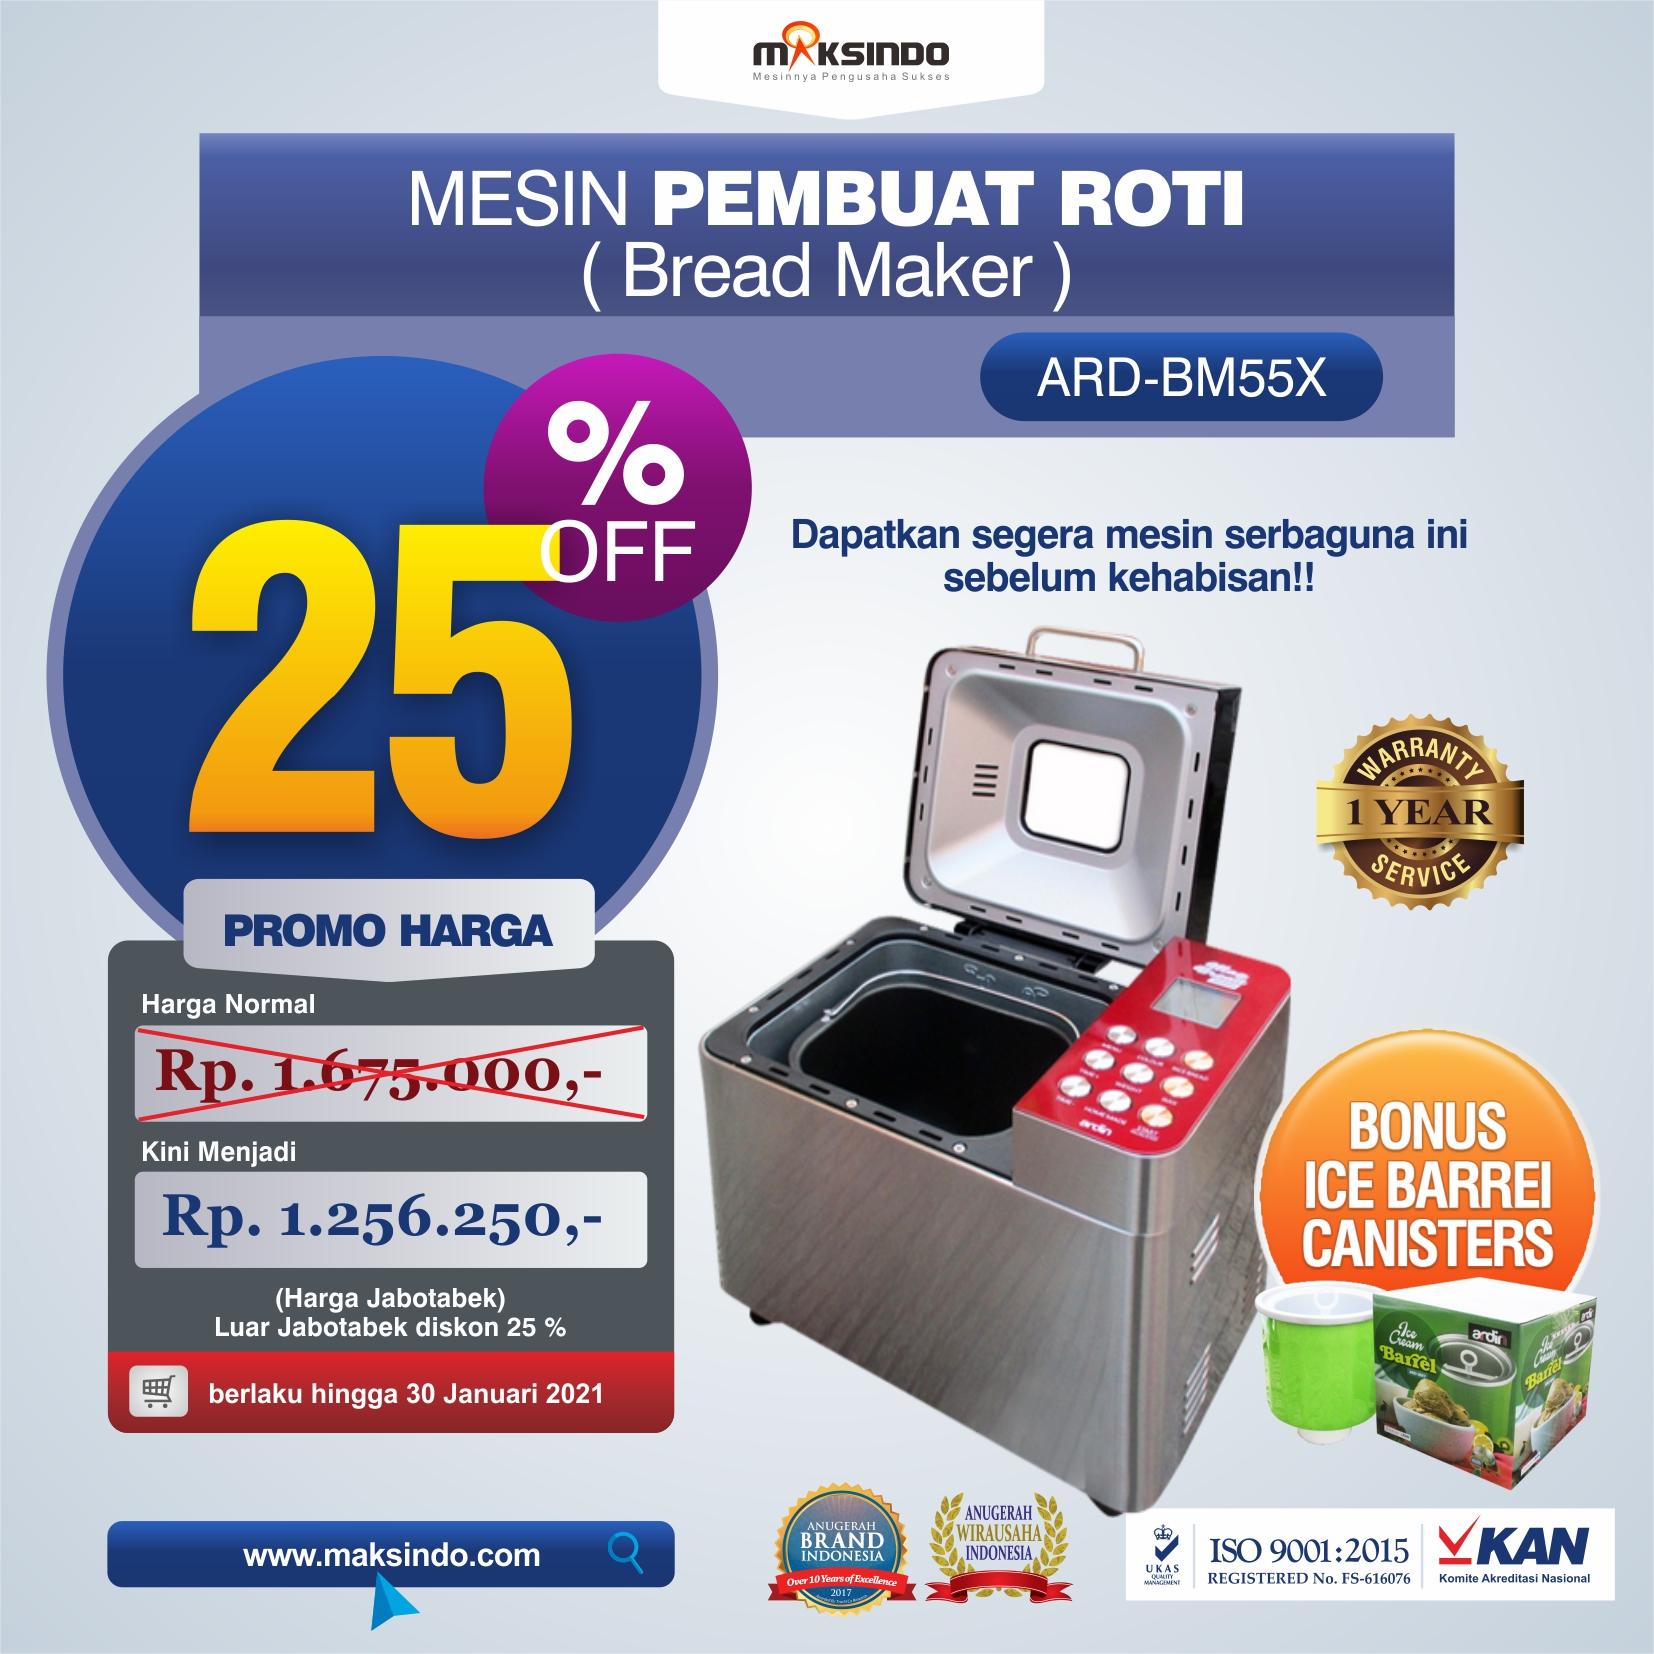 Jual Pembuat Roti Bread Maker ARD-BM55X di Medan